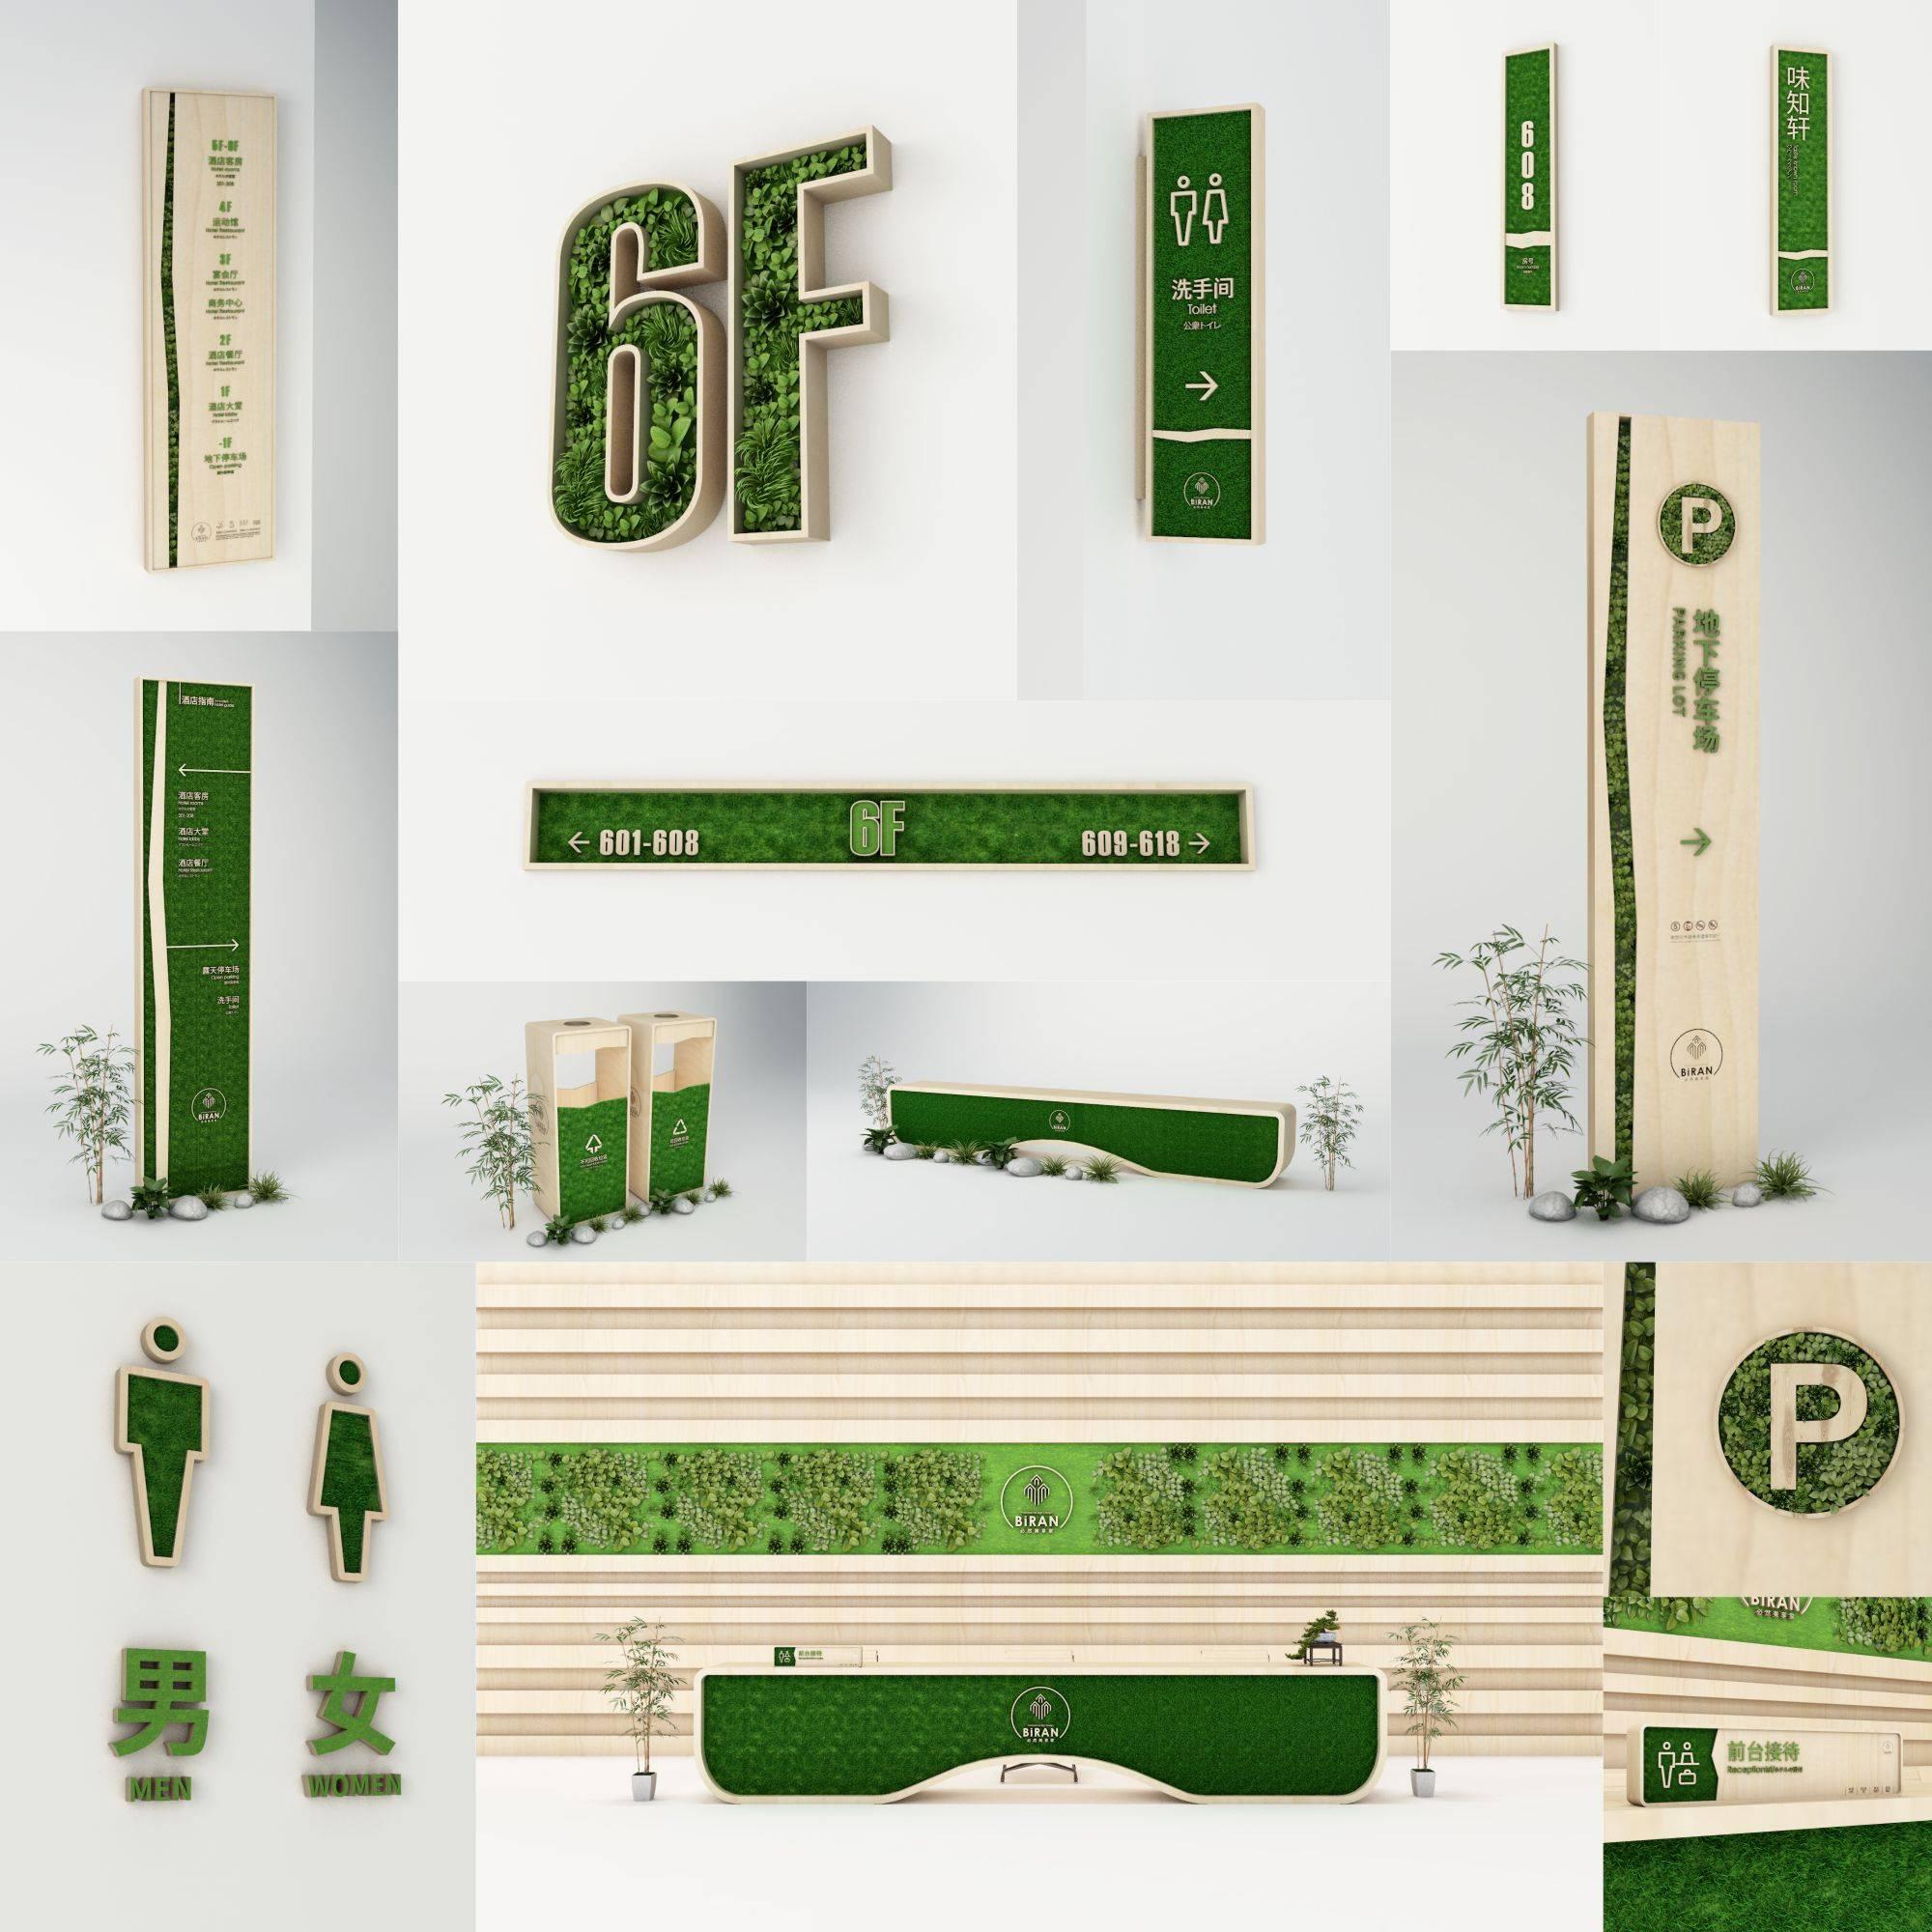 【美享云创· 原创作品系列】之《现代酒店创意绿植导视系统设计概念方案》